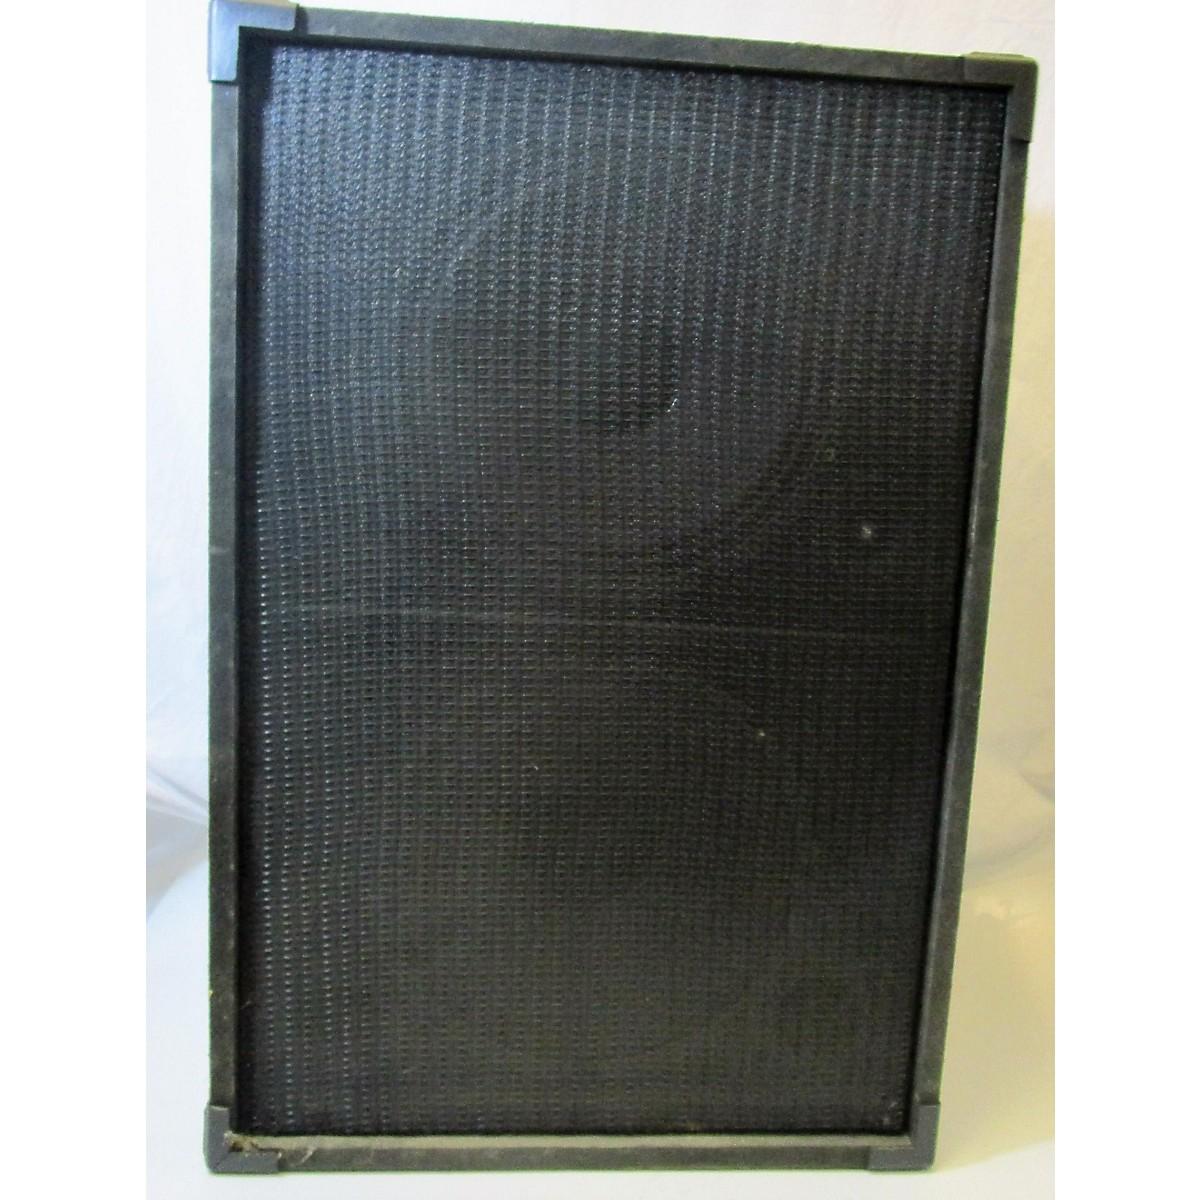 Nady THS-1515 Unpowered Speaker